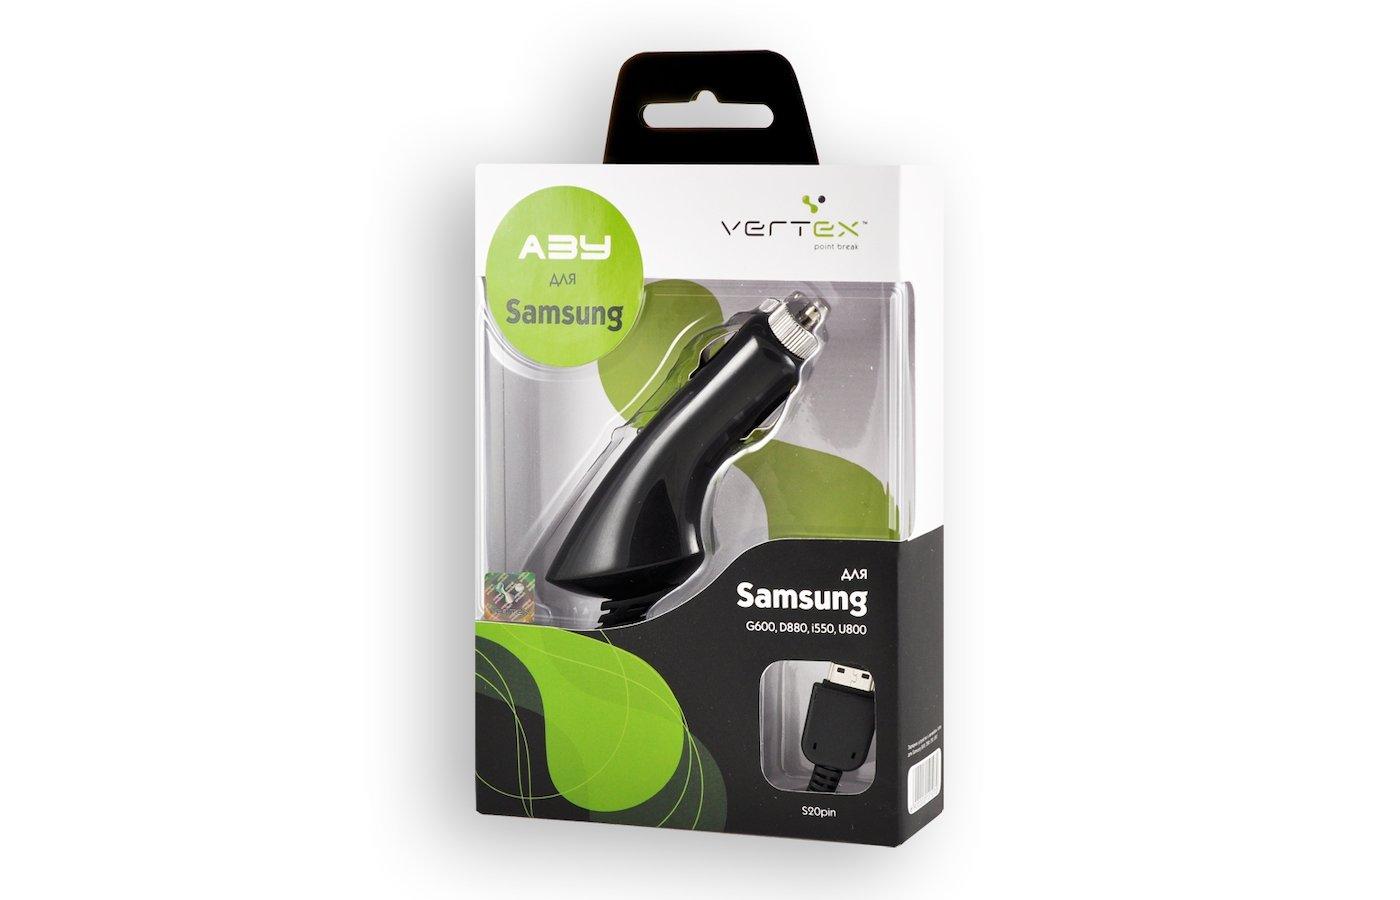 Зарядное устройство VERTEX АЗУ s20pin для Samsung D880/G600/i550/U800